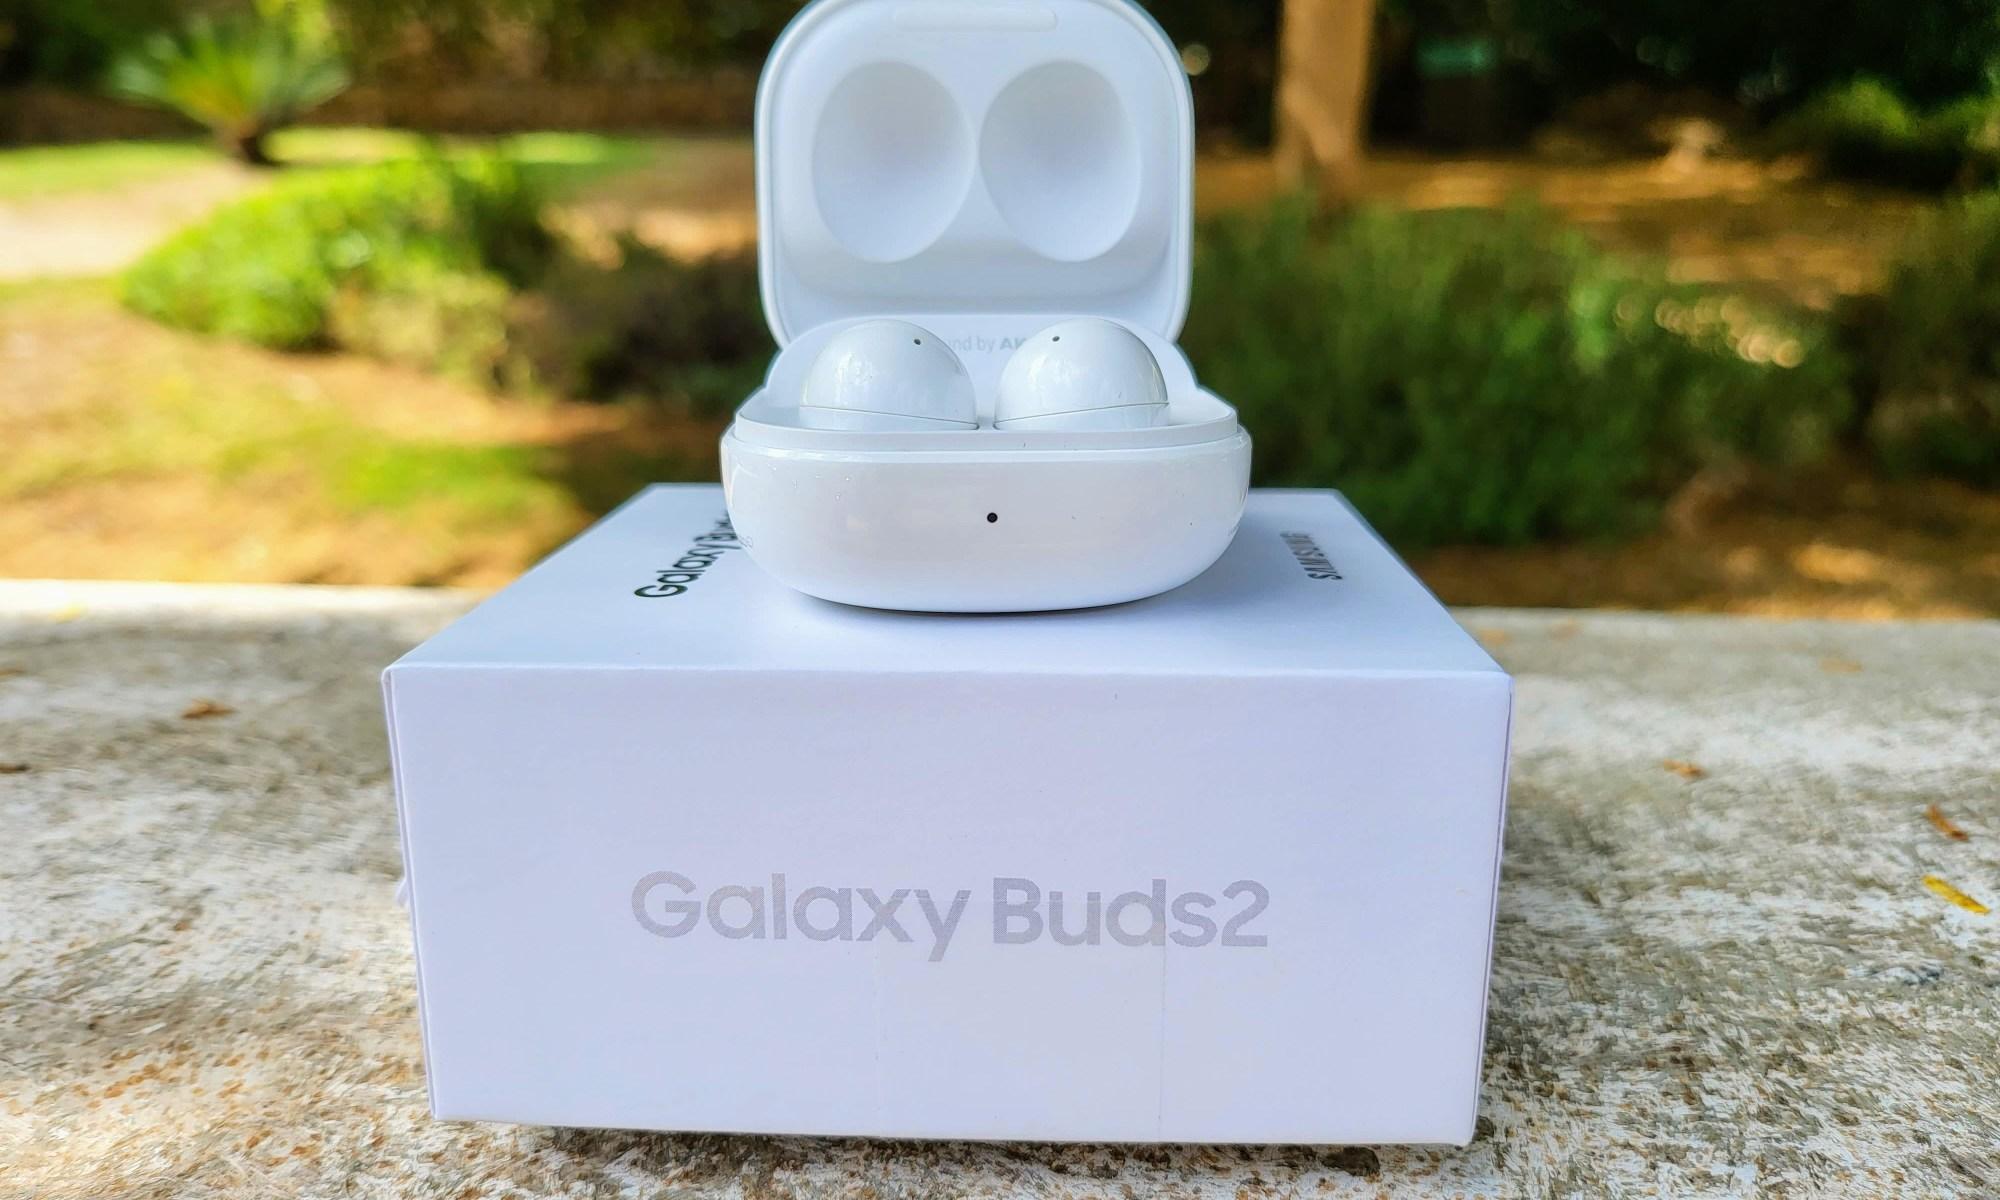 סמסונג Galaxy Buds 2. צילום צחי הופמן